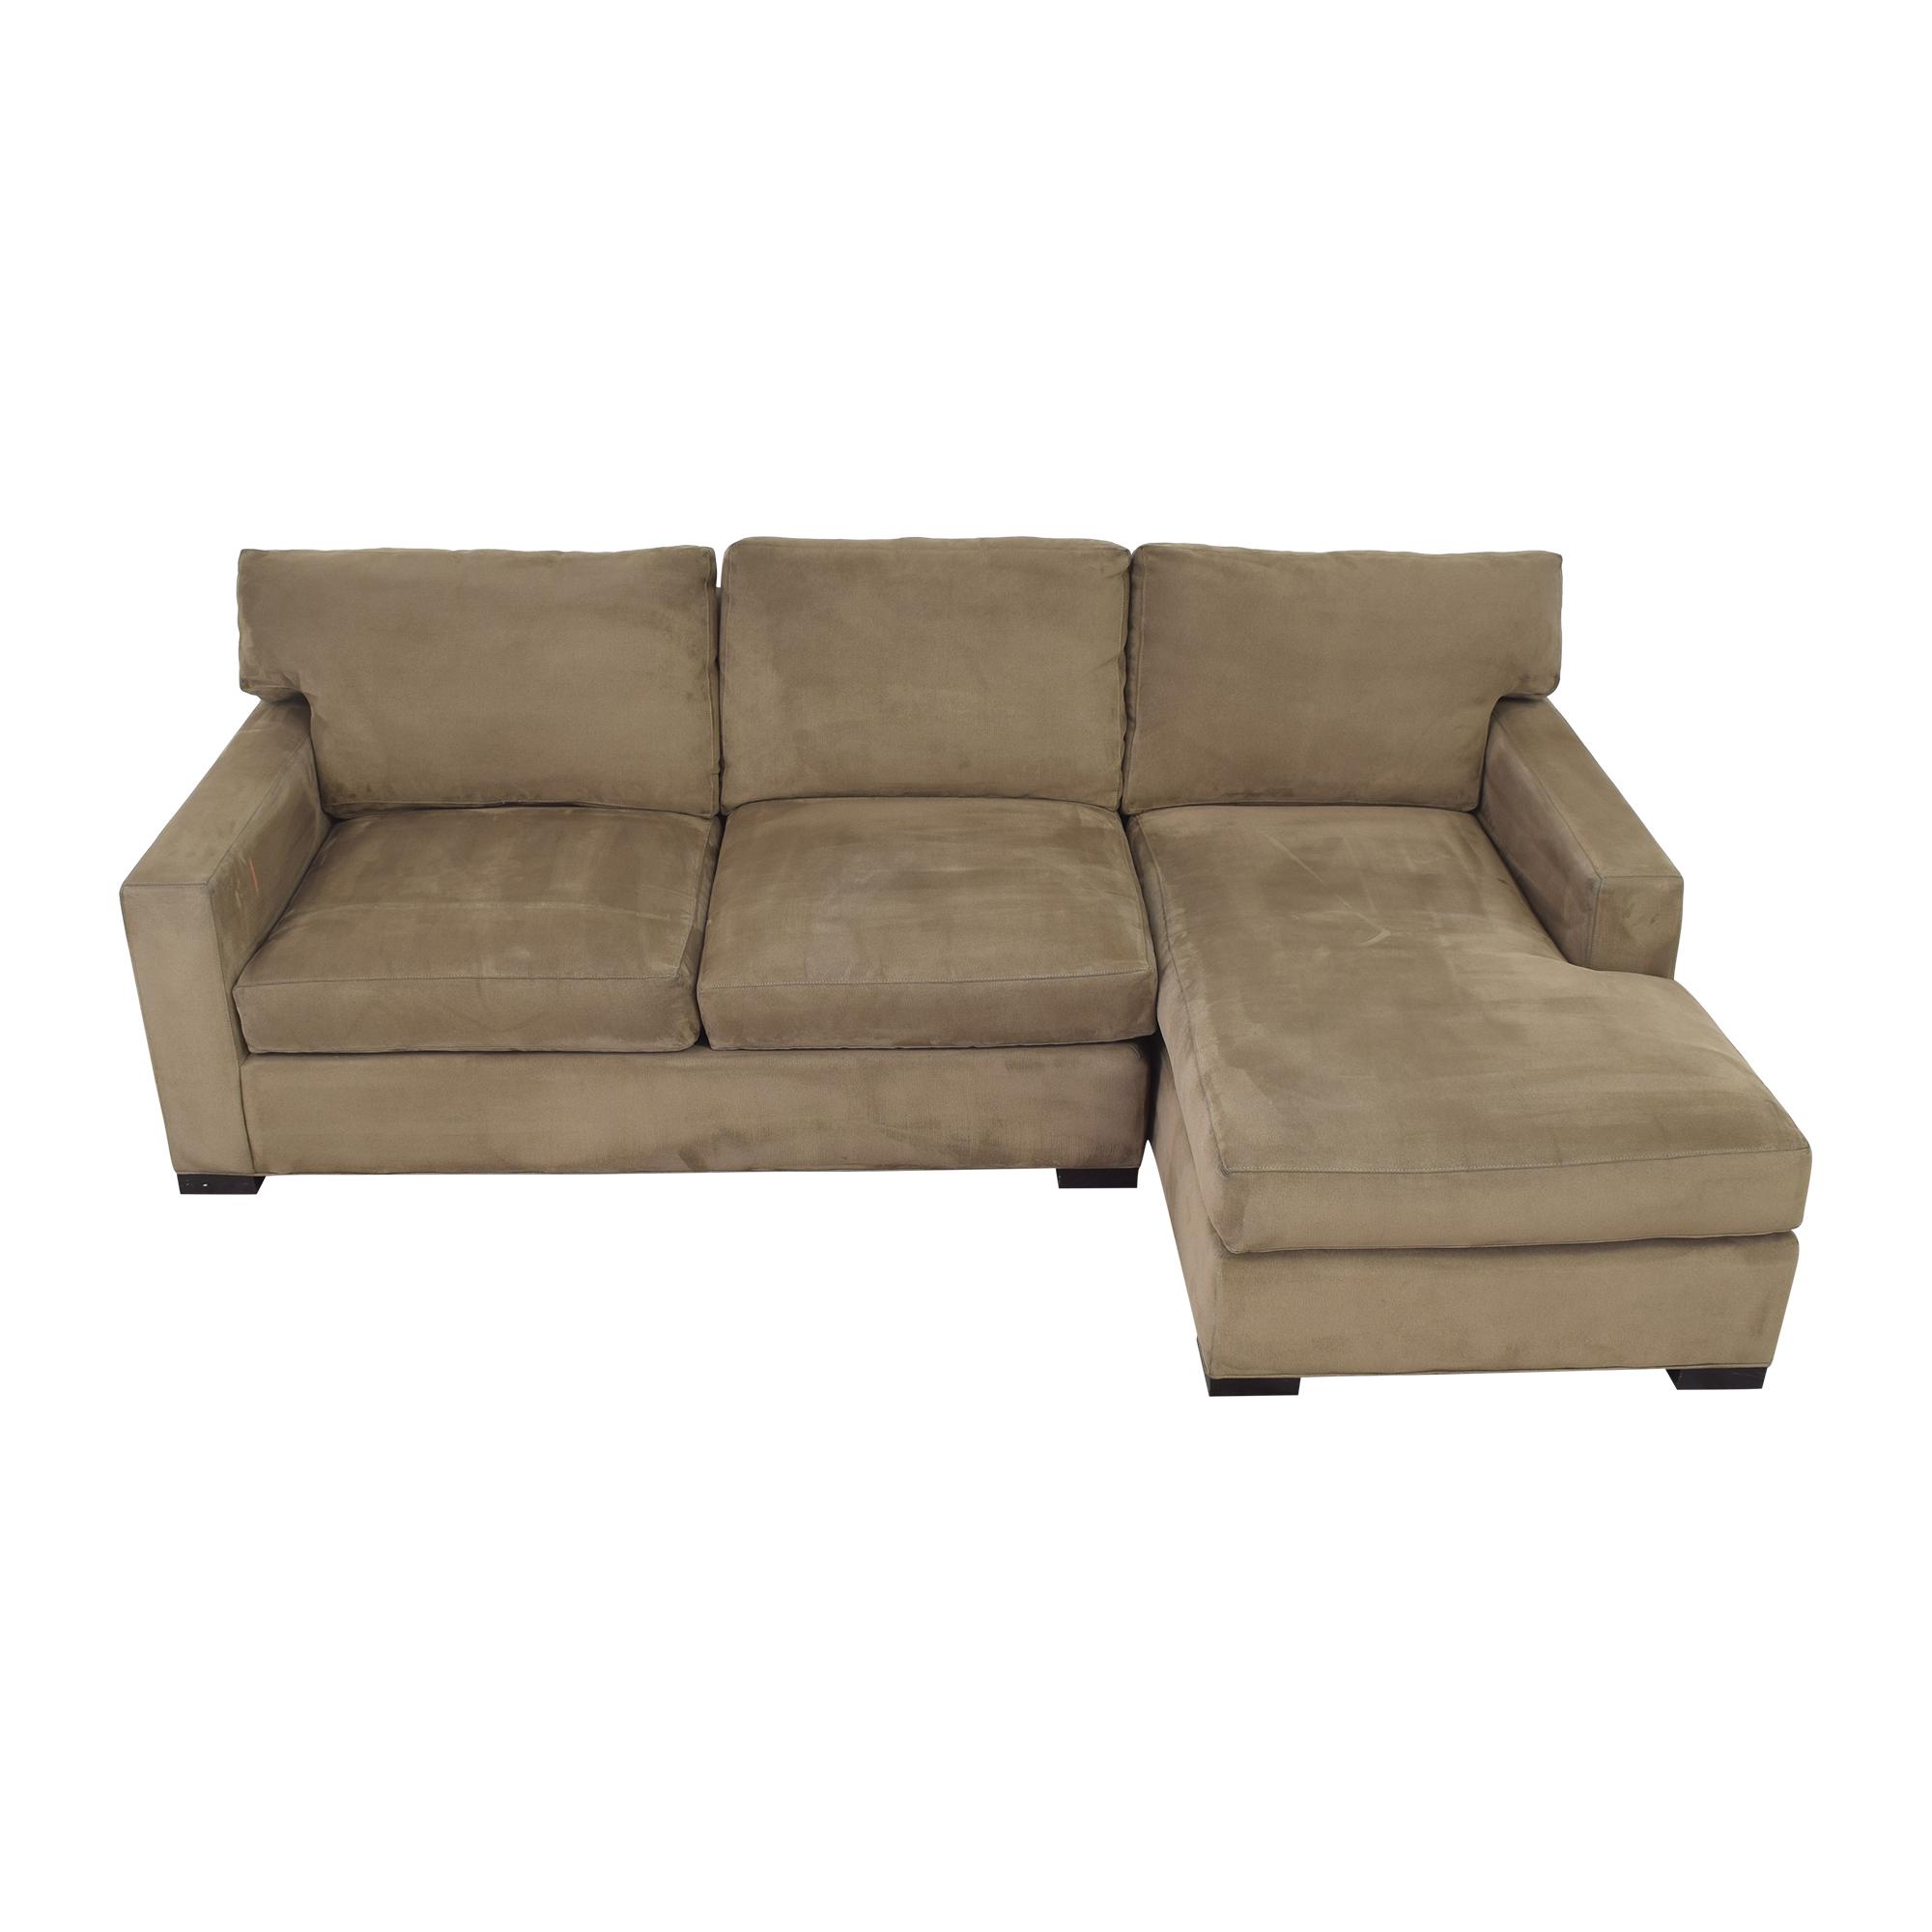 shop Crate & Barrel Axis Sectional Sofa Crate & Barrel Sofas